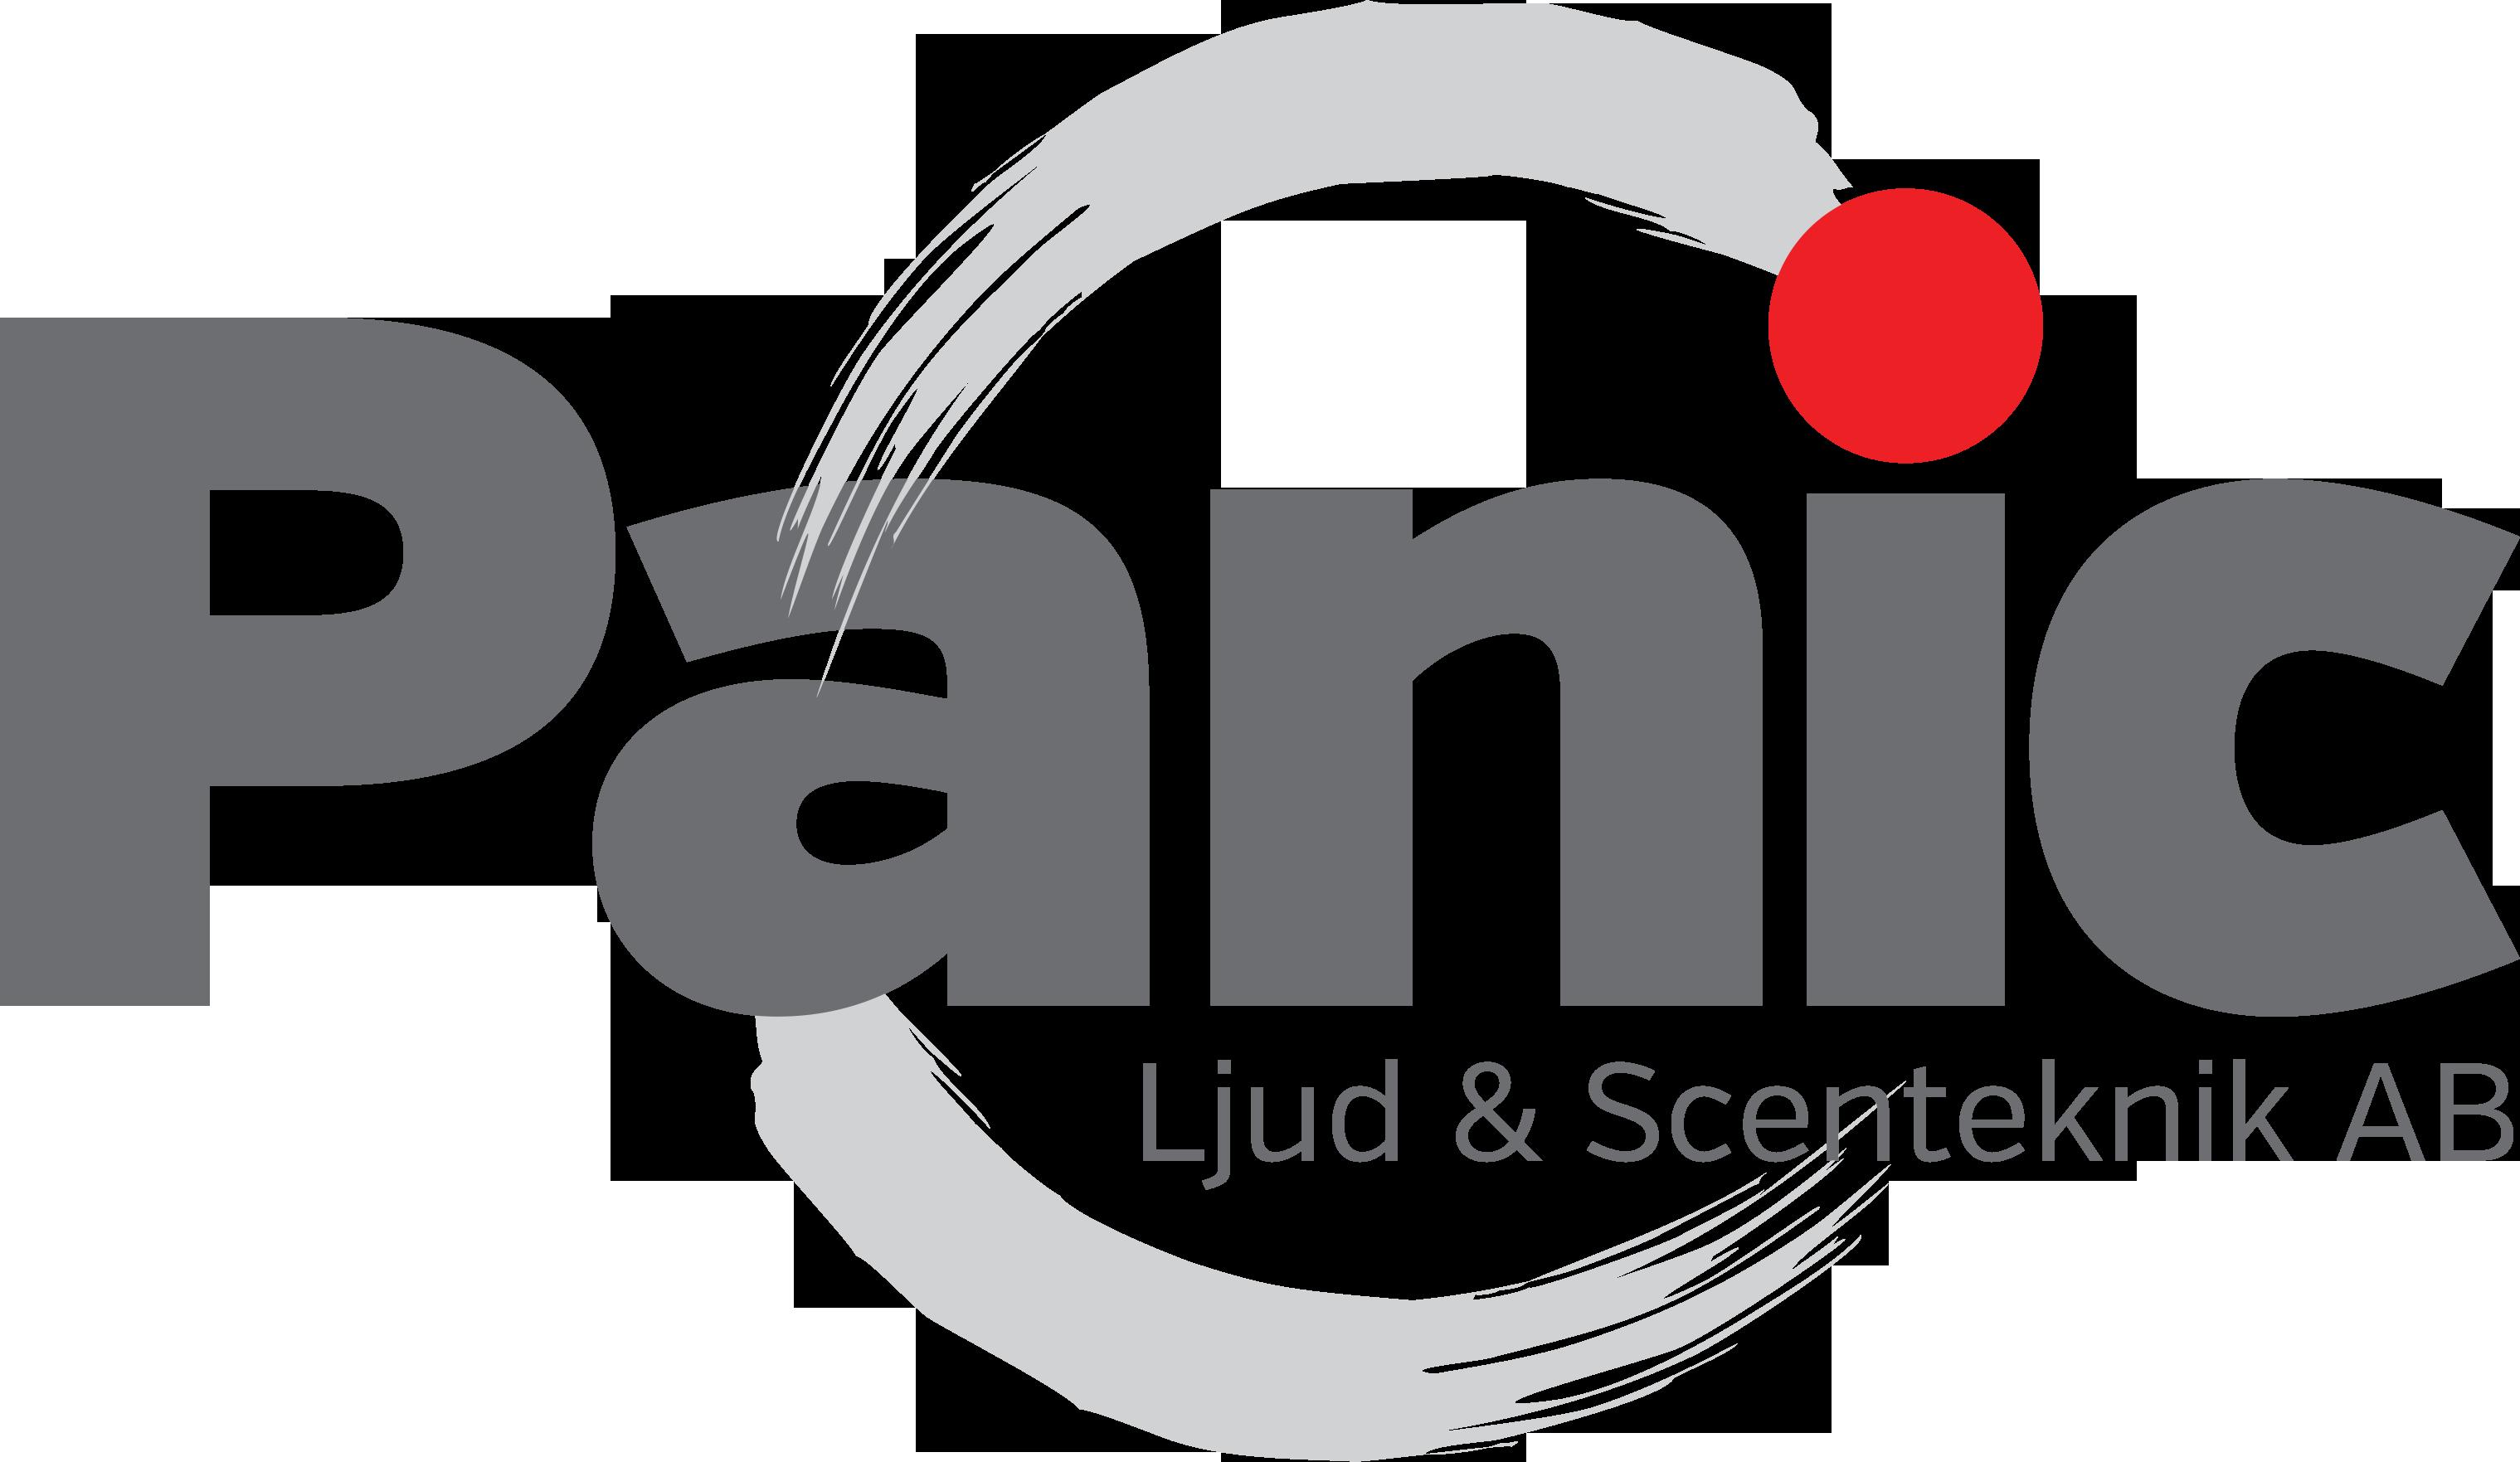 Panic Ljud & Scenteknik AB